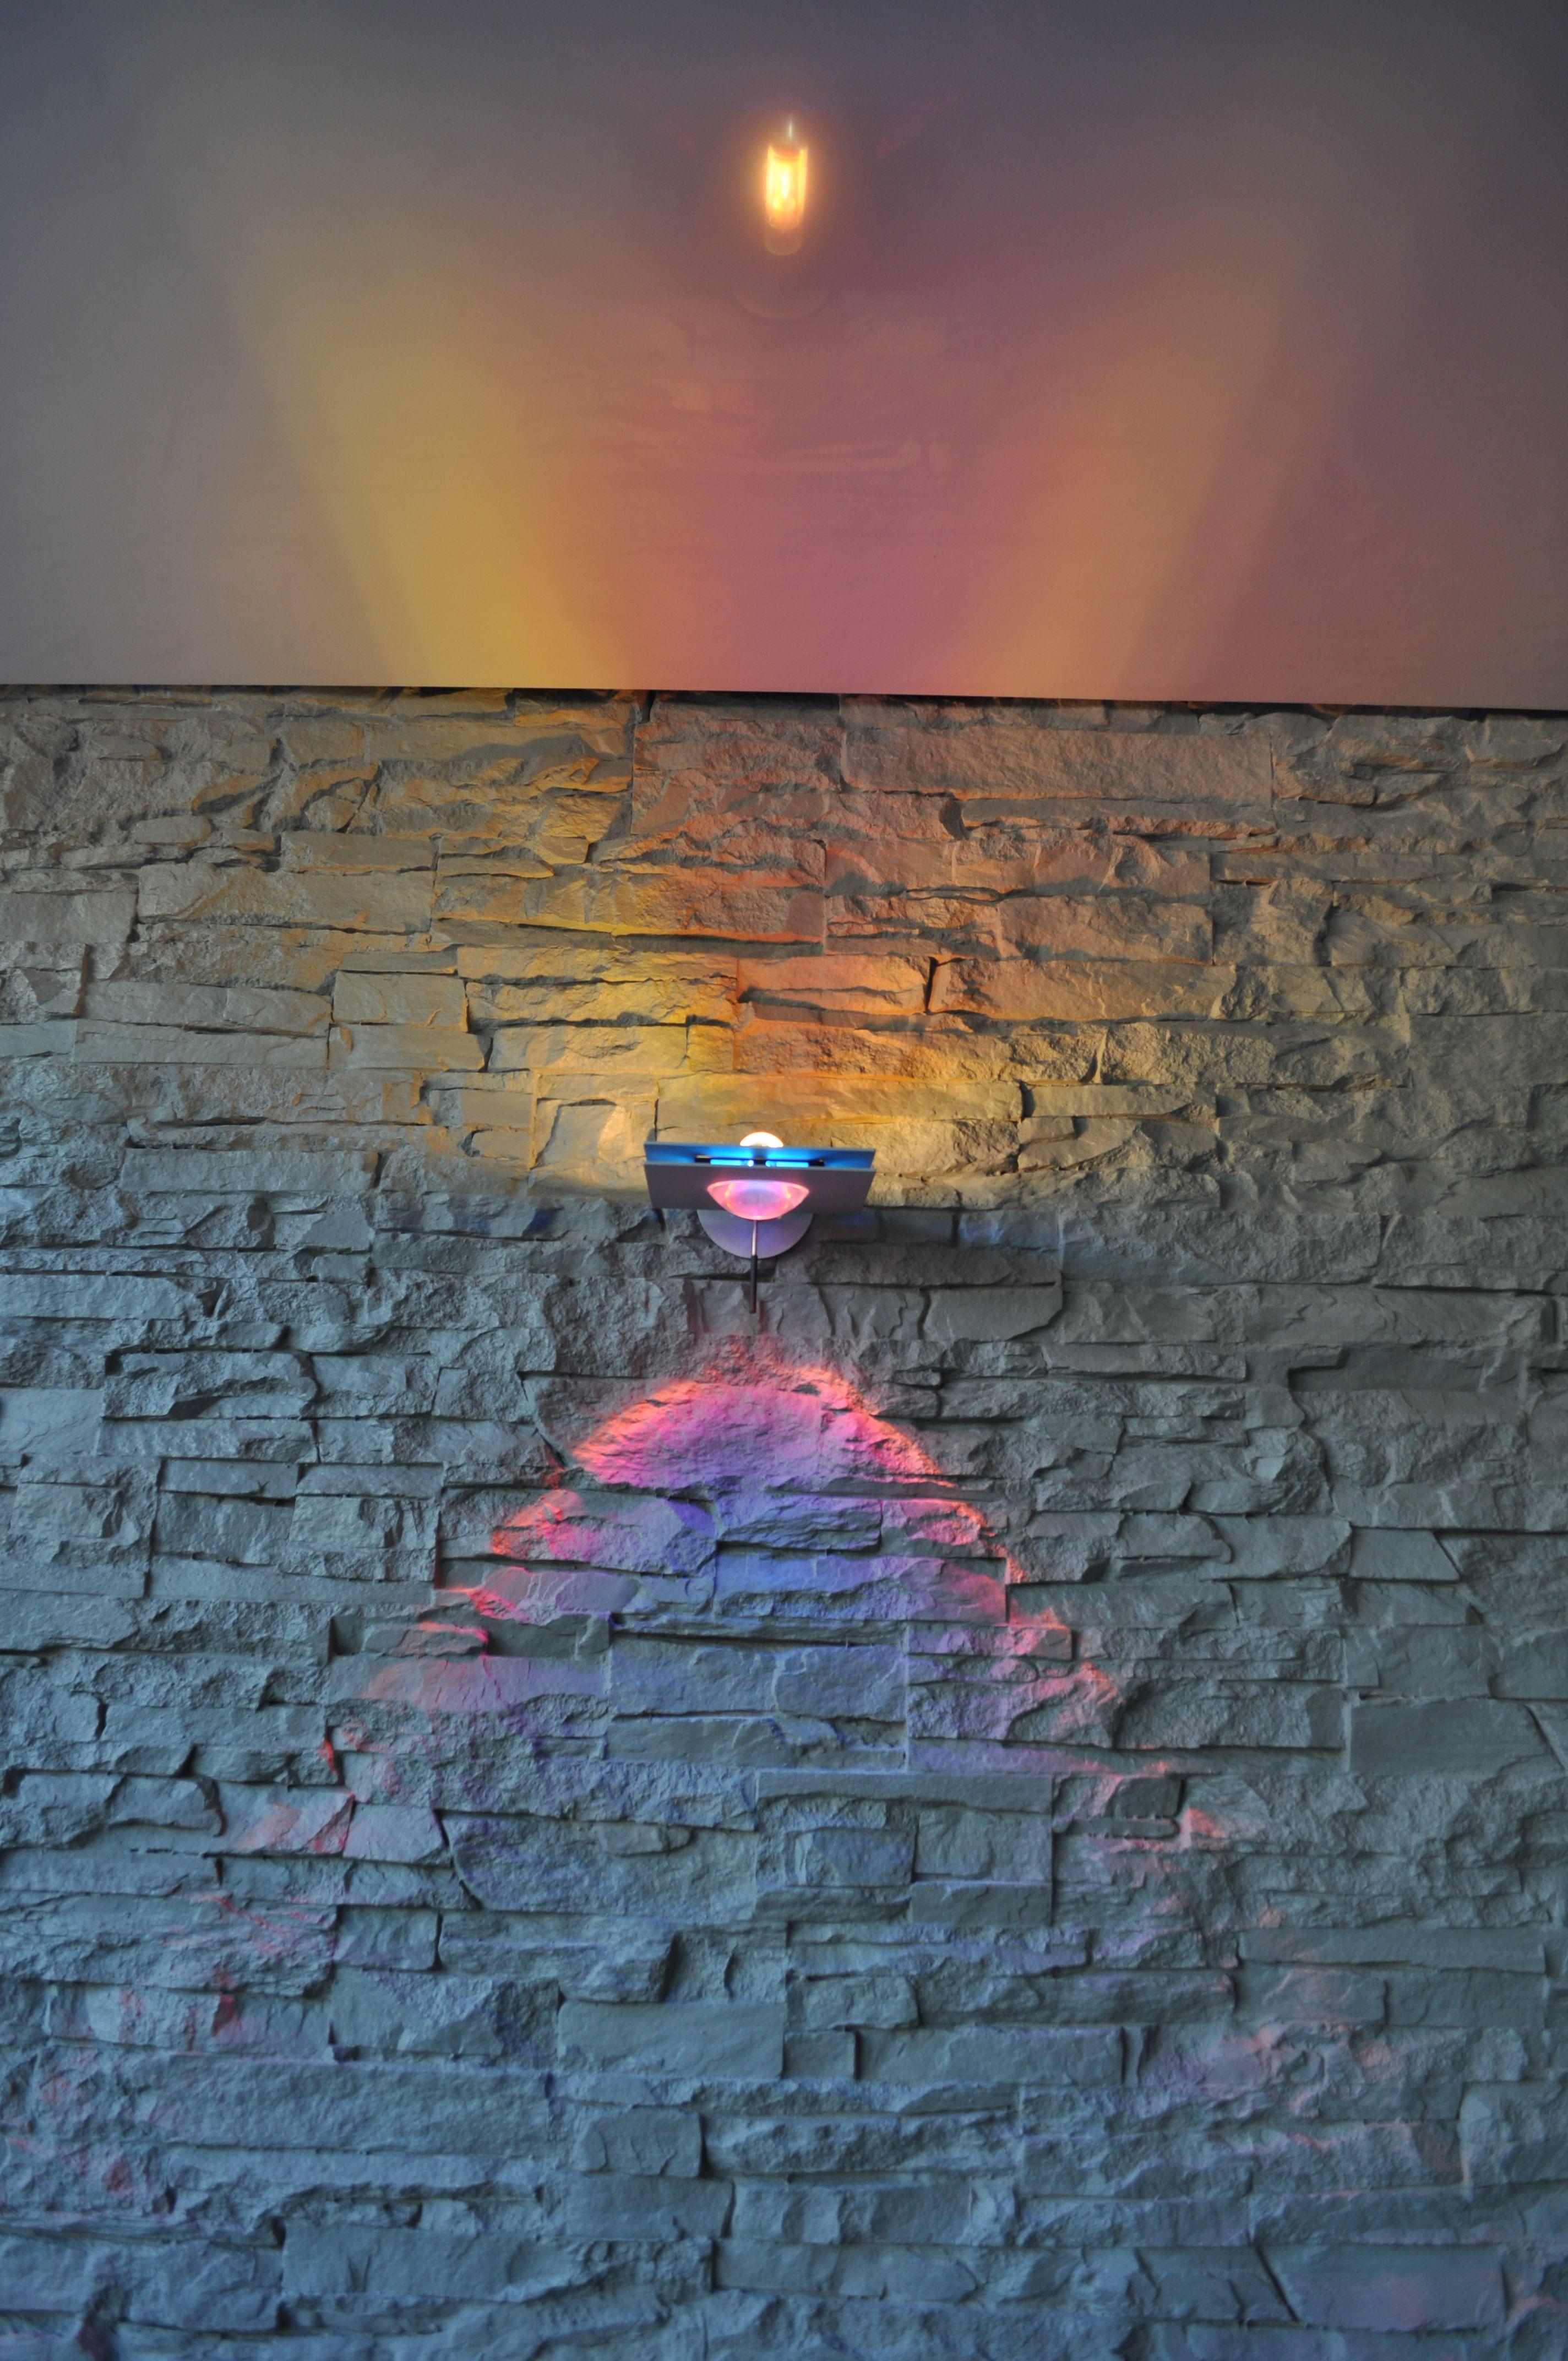 Lieblich Spanndecke, Steinwand Und Grimmeisenleuchte #steinwand #stone#beleuchtung#leuchte#decke#